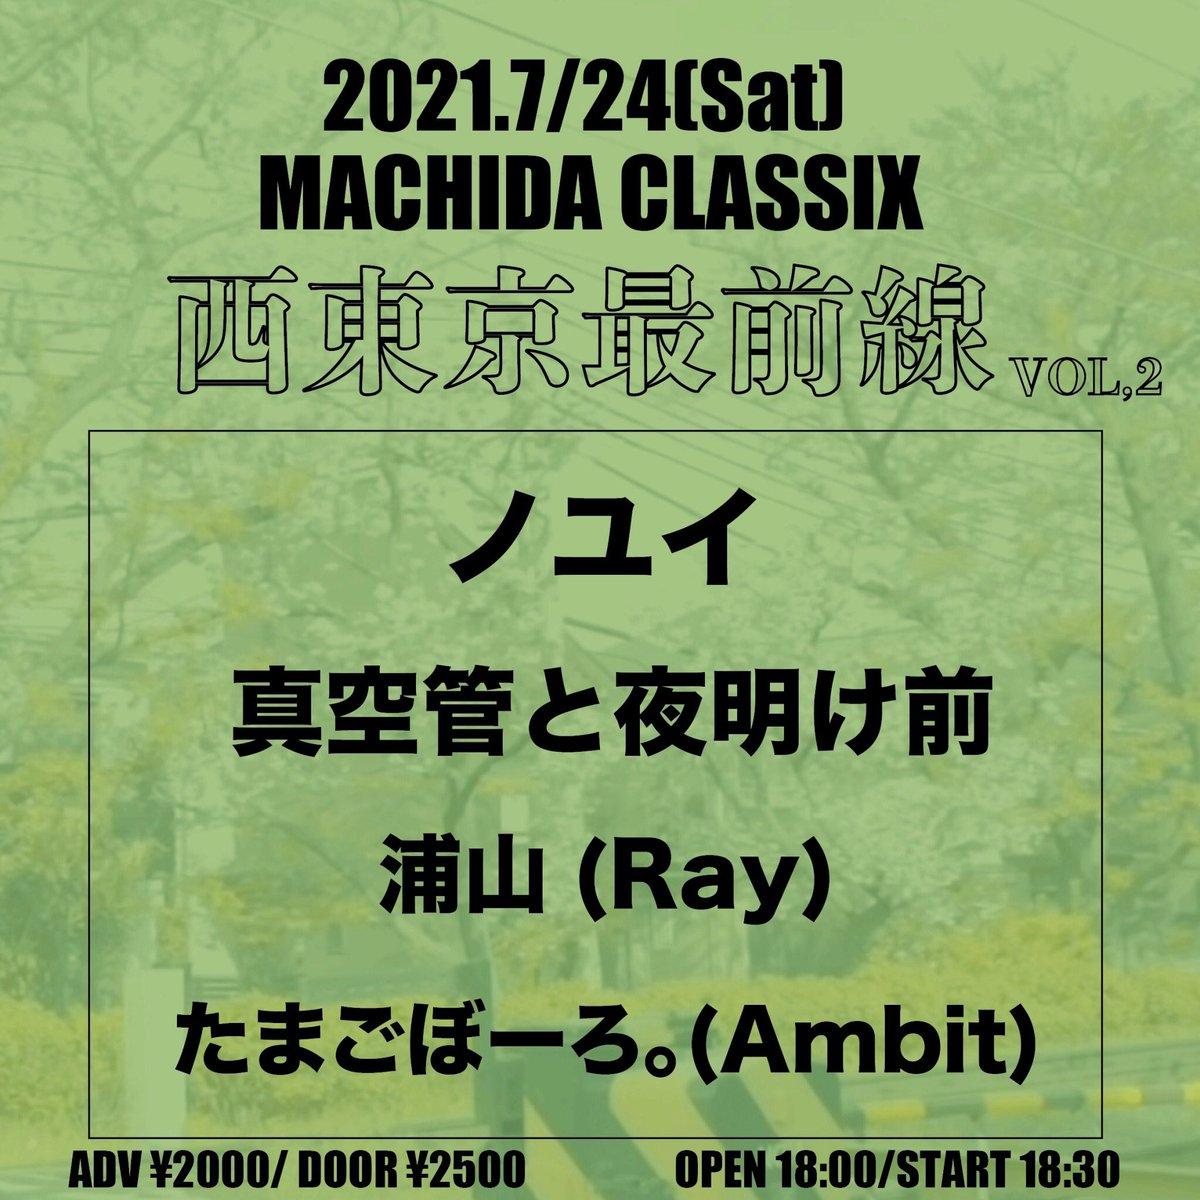 test ツイッターメディア - 【許したサスケのライブ情報🌟】  2021 7/24(Sat) 西東京最前線 vol,2  出演  ノユイ 浦山(Ray) 真空管と夜明け前 たまごぼーろ。(Ambit.)  ticket:前売り¥2000/当日¥2500 OPEN 18:00/START 18:30  Rayは弾き語りの出演に変更になりました! なんやかんや久々の弾き語りで楽しみにしてます!おいす〜! https://t.co/nCSWyB91St